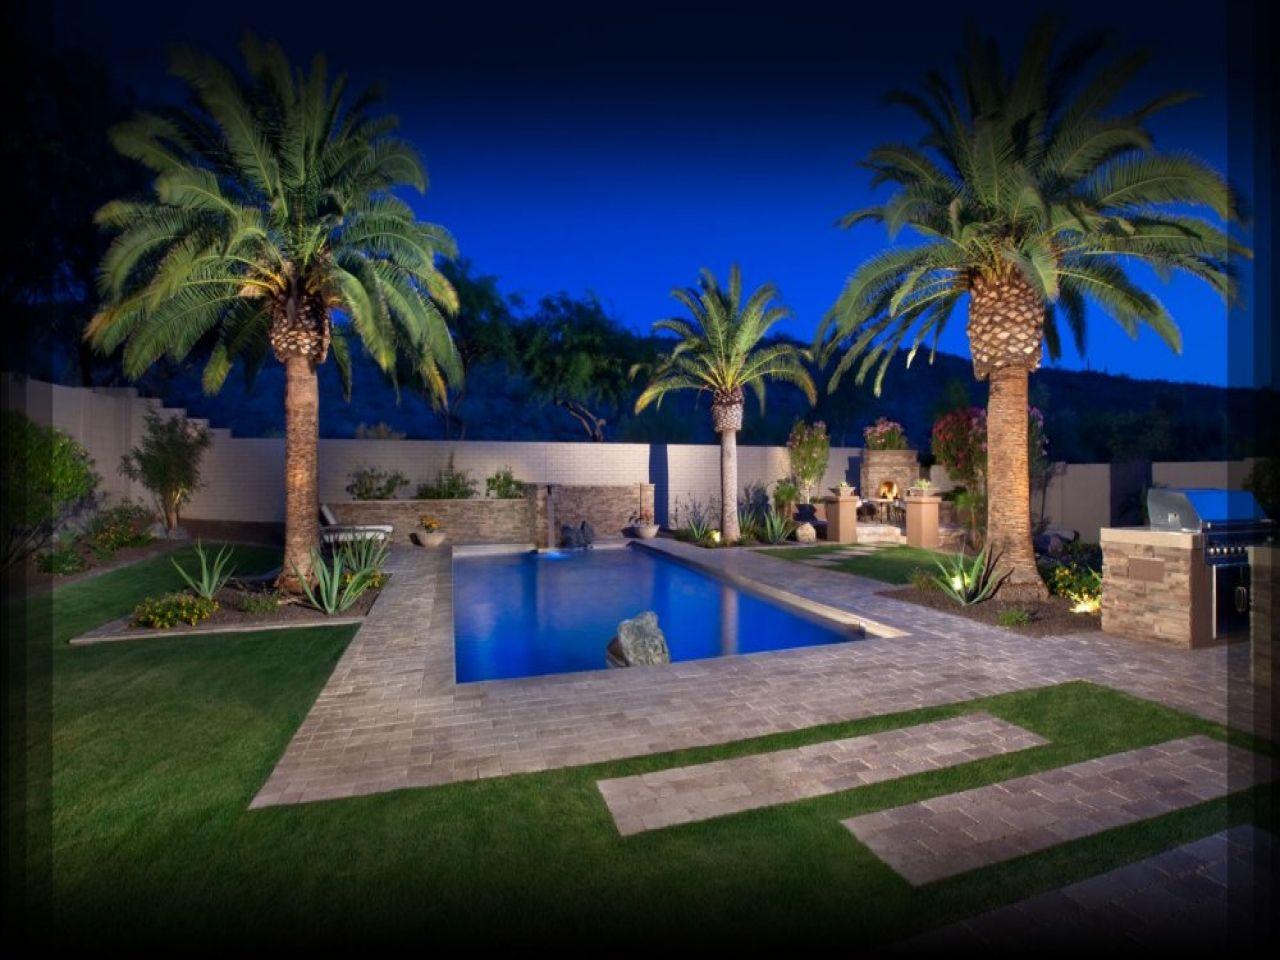 Waterfalls In Backyard, Phoenix Desert Landscaping Pool Ideas .